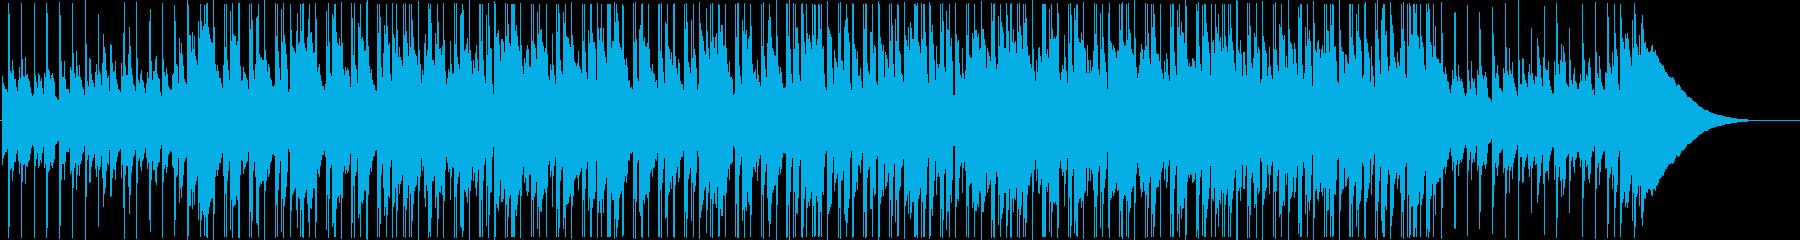 休日ほのぼの感なアコースティックBGMの再生済みの波形